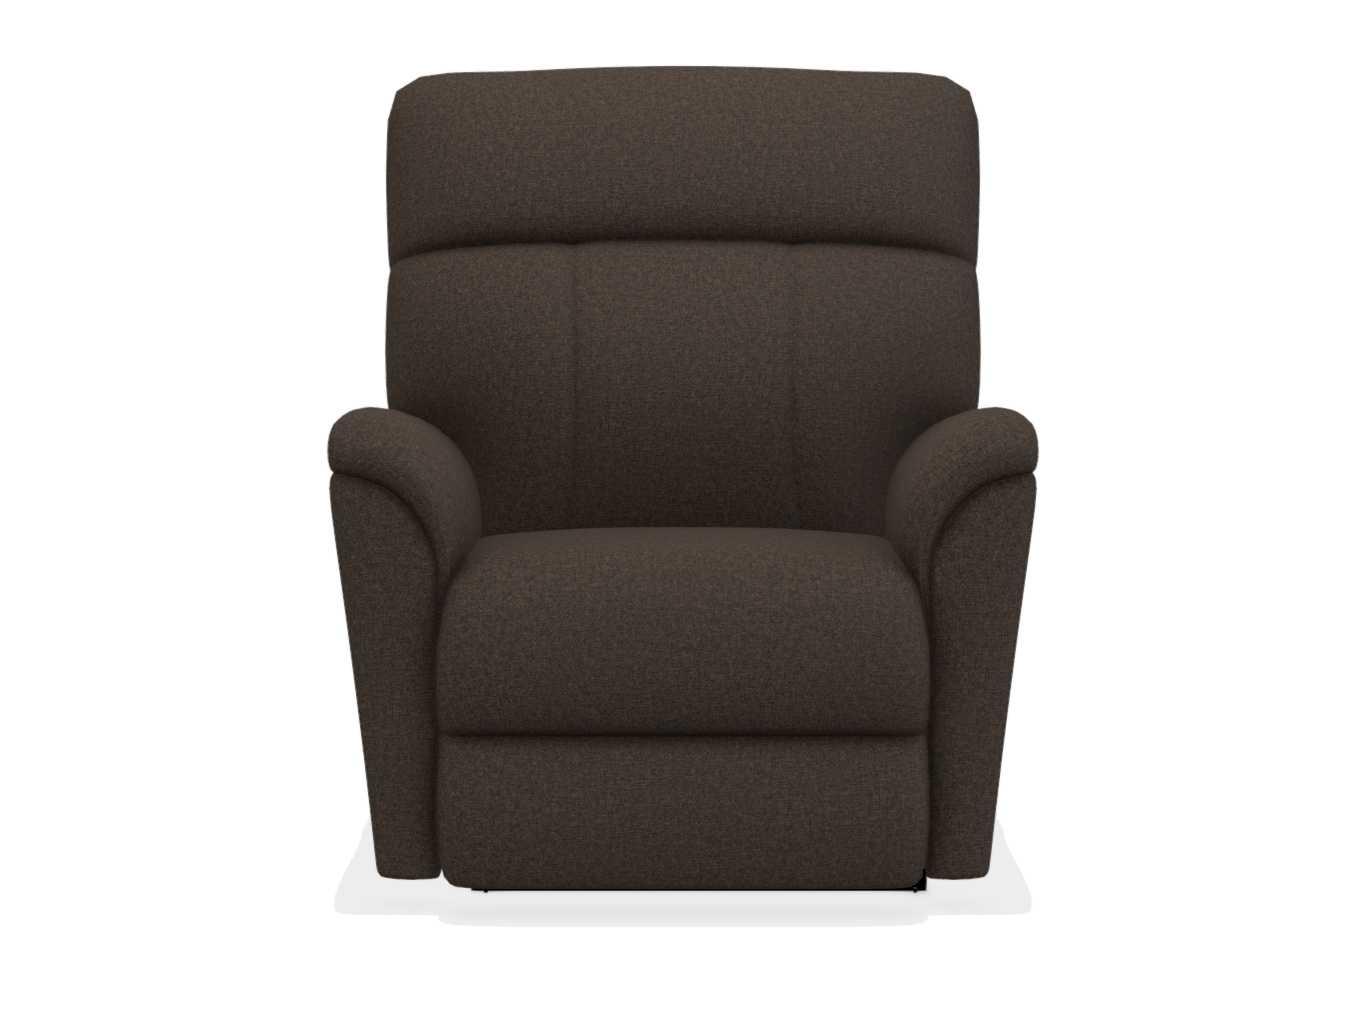 Arthur Power Wall Recliner w/ Headrest and Lumbar